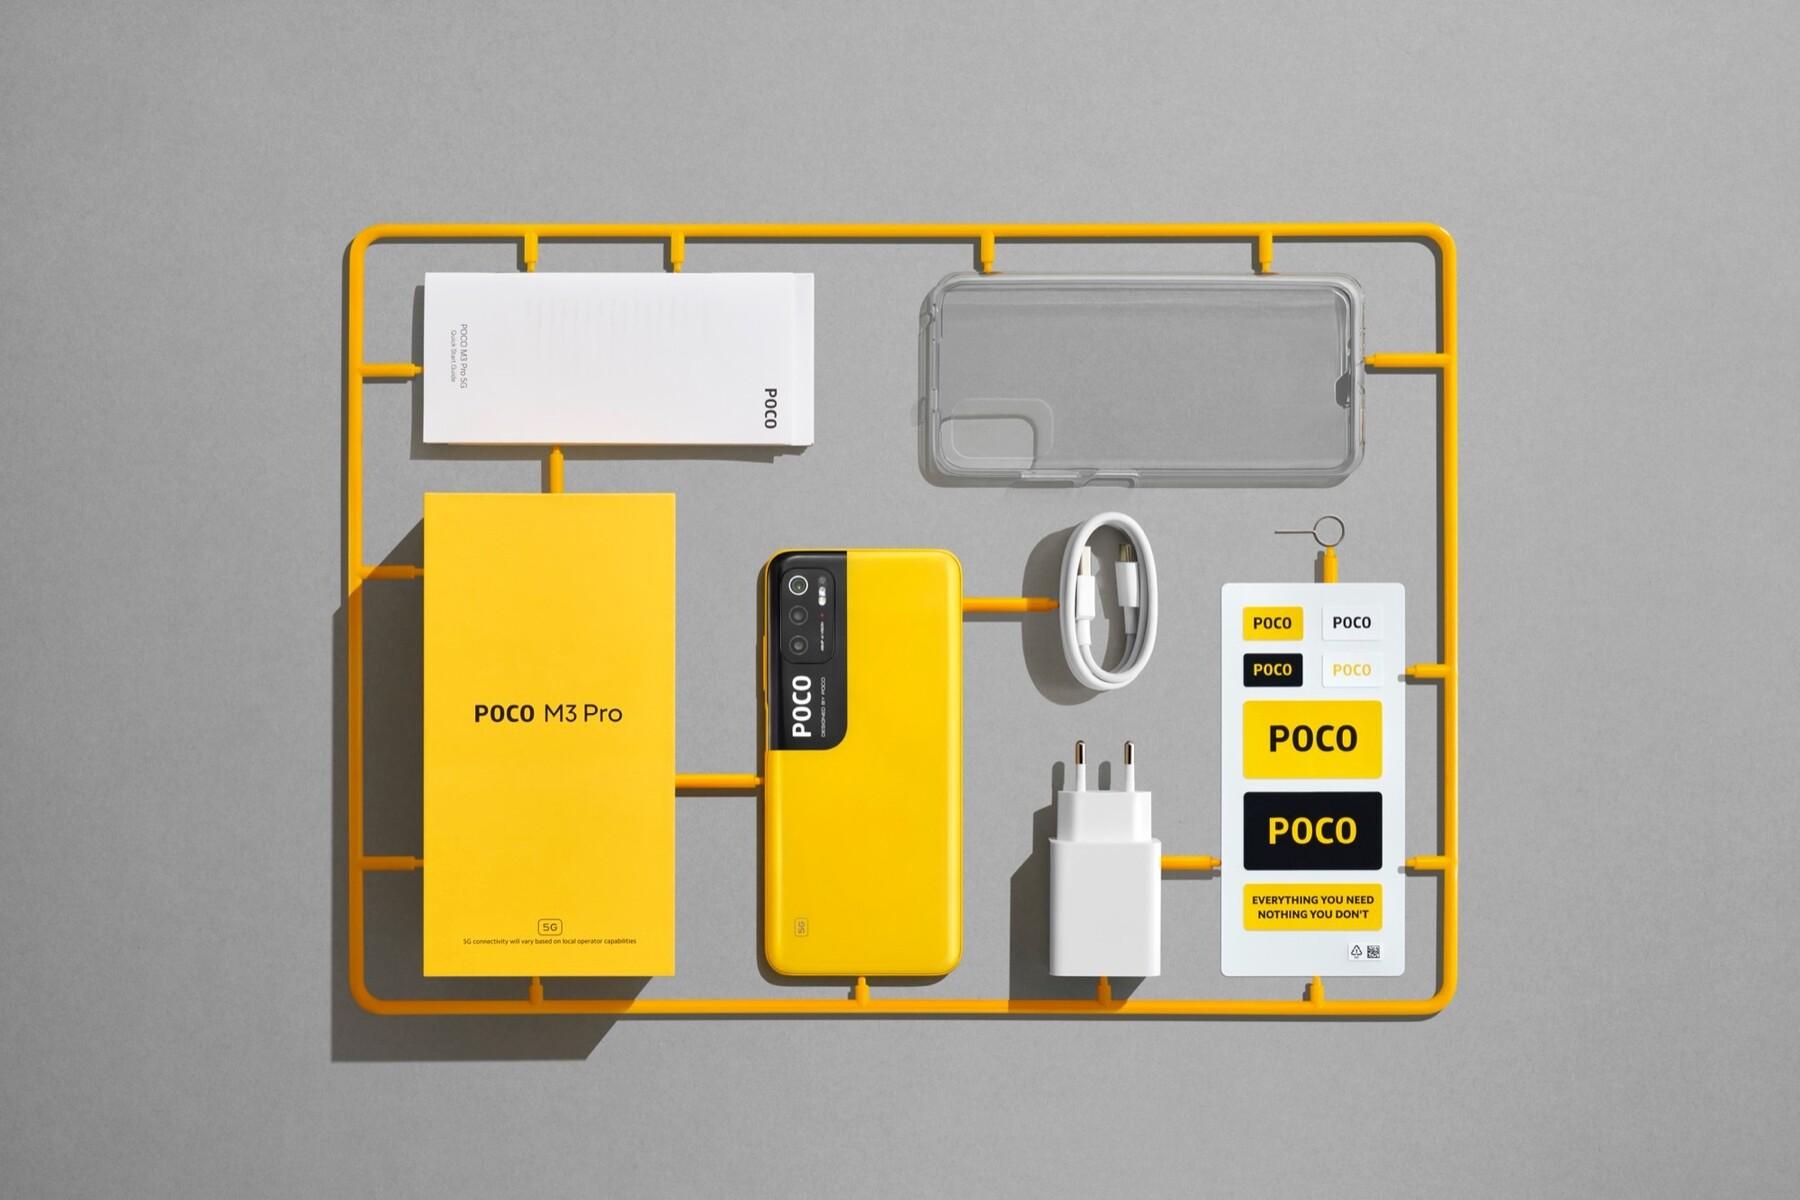 Xiaomi lanza globalmente el POCO M3 Pro 5G por 159 euros - Notebookcheck.org